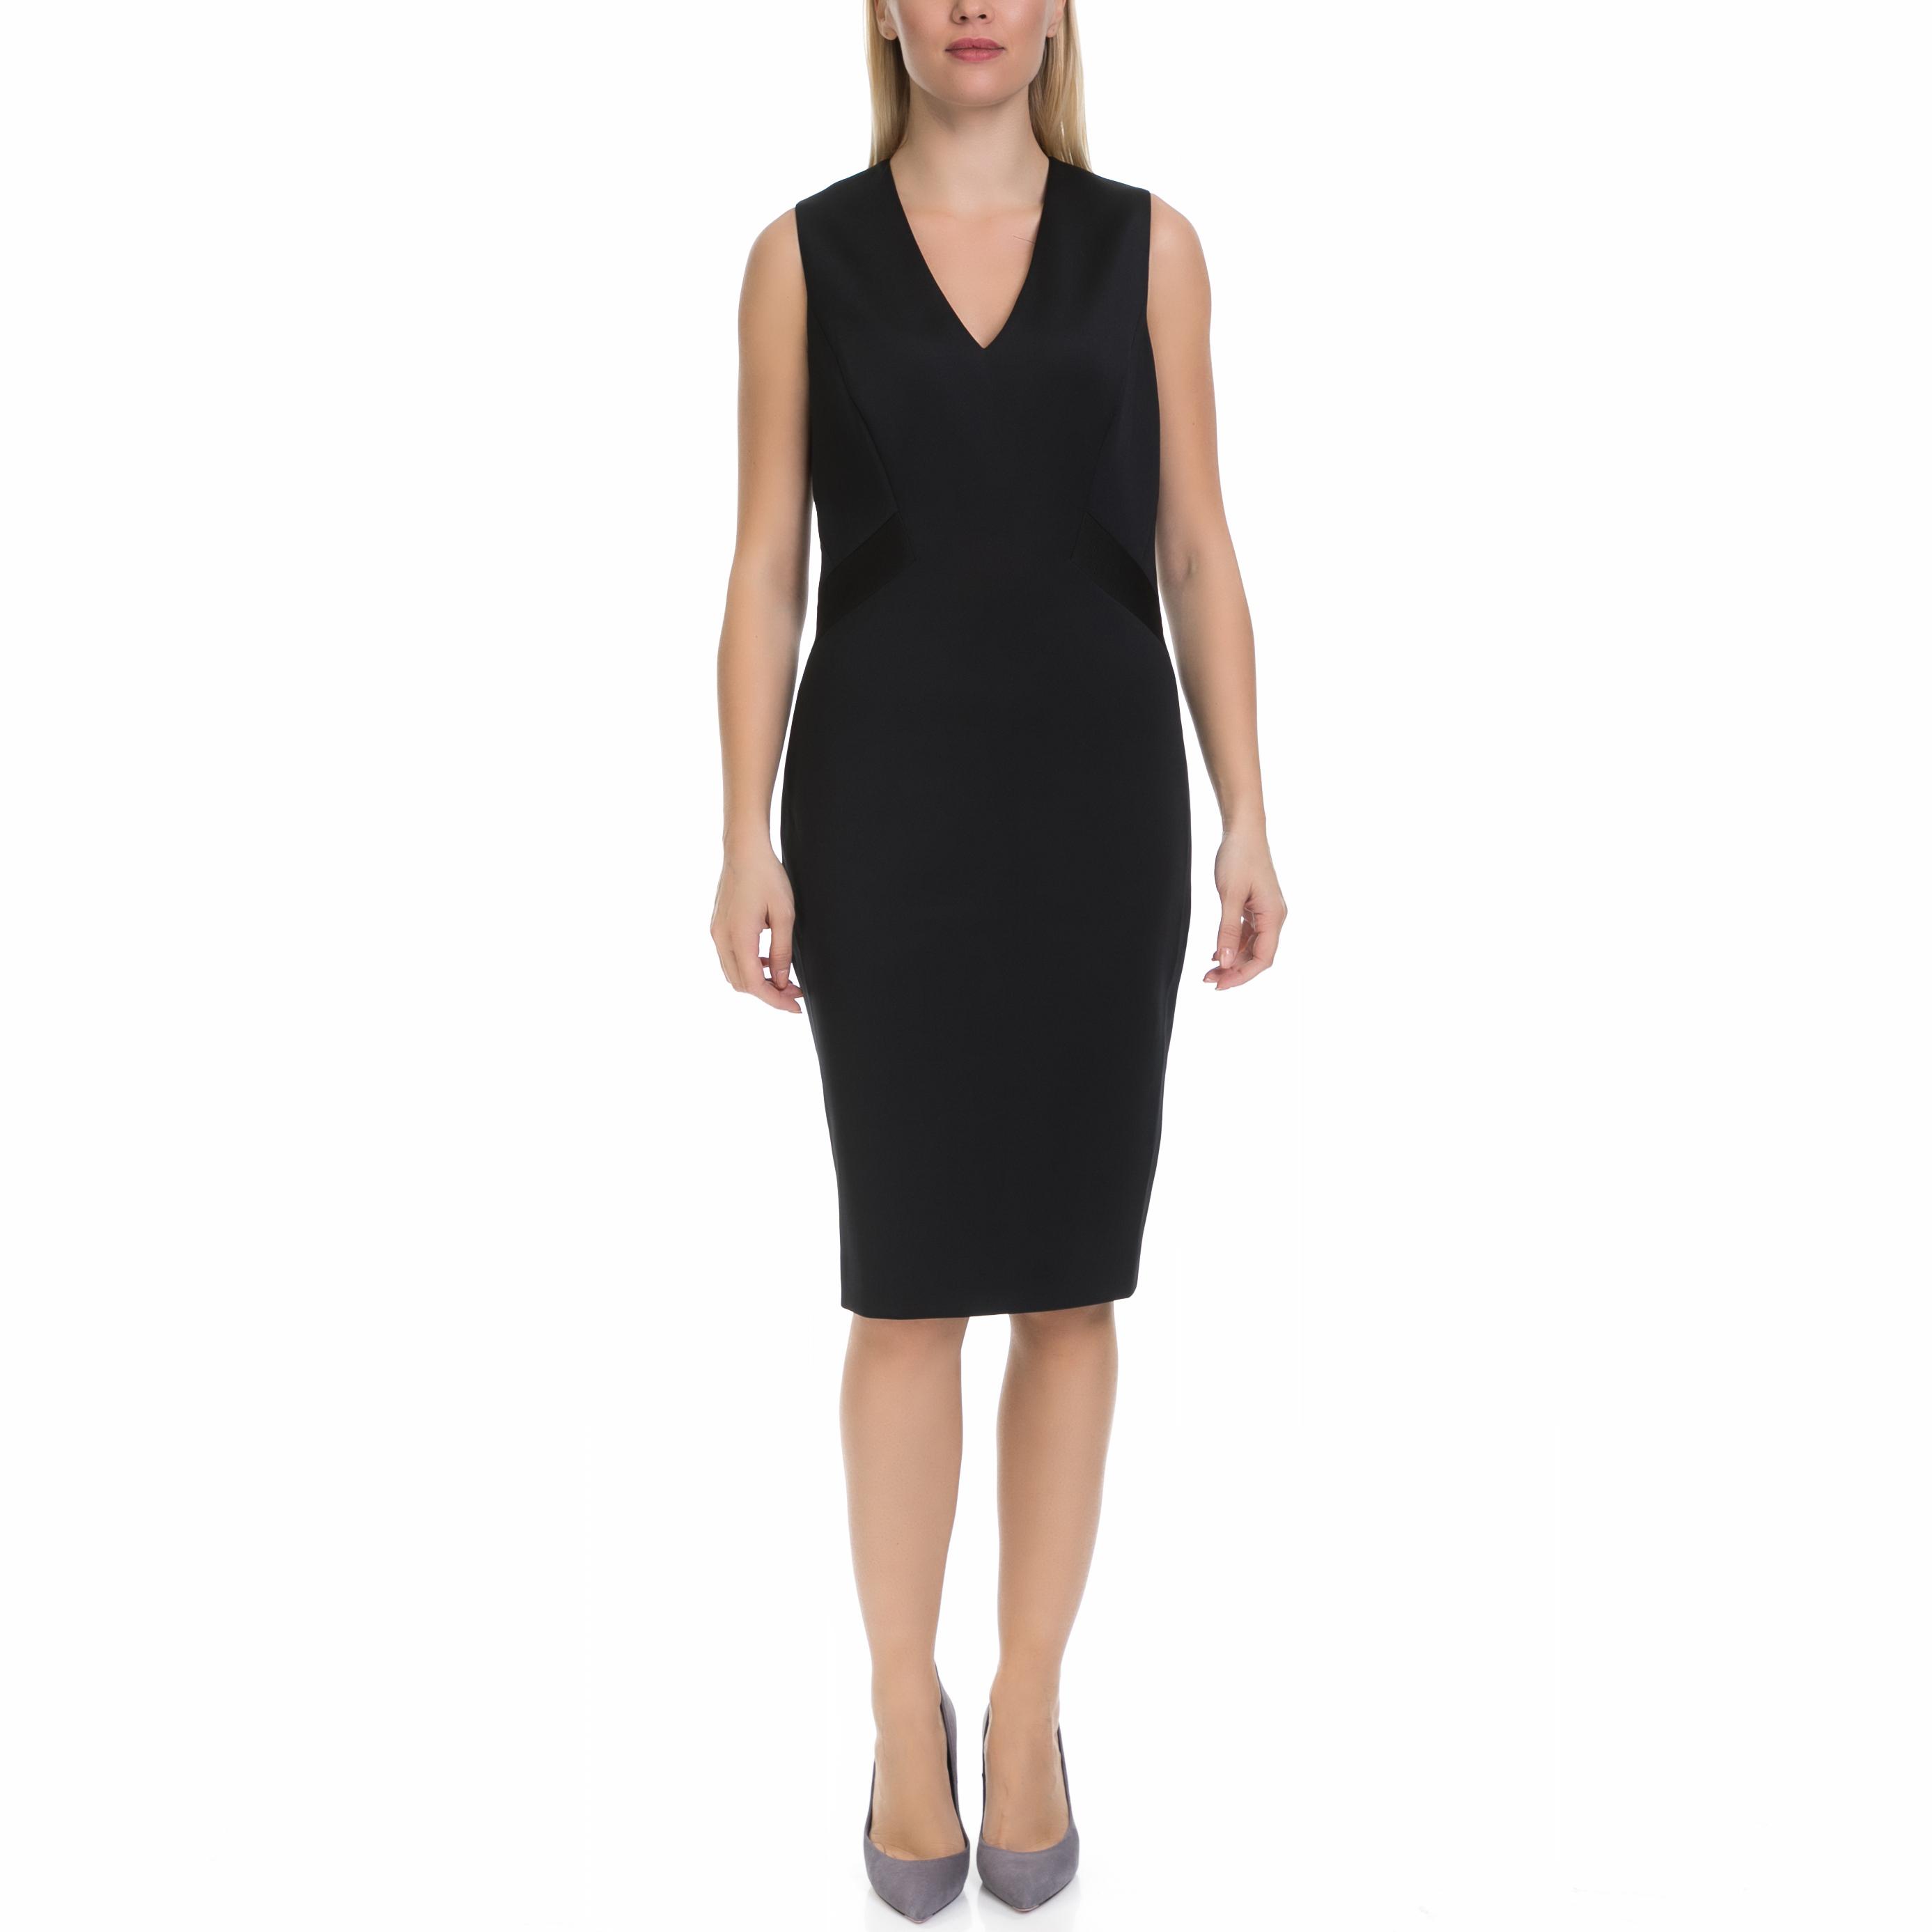 TED BAKER - Γυναικείο φόρεμα AALEYAD TED BAKER μαύρο γυναικεία ρούχα φορέματα μέχρι το γόνατο